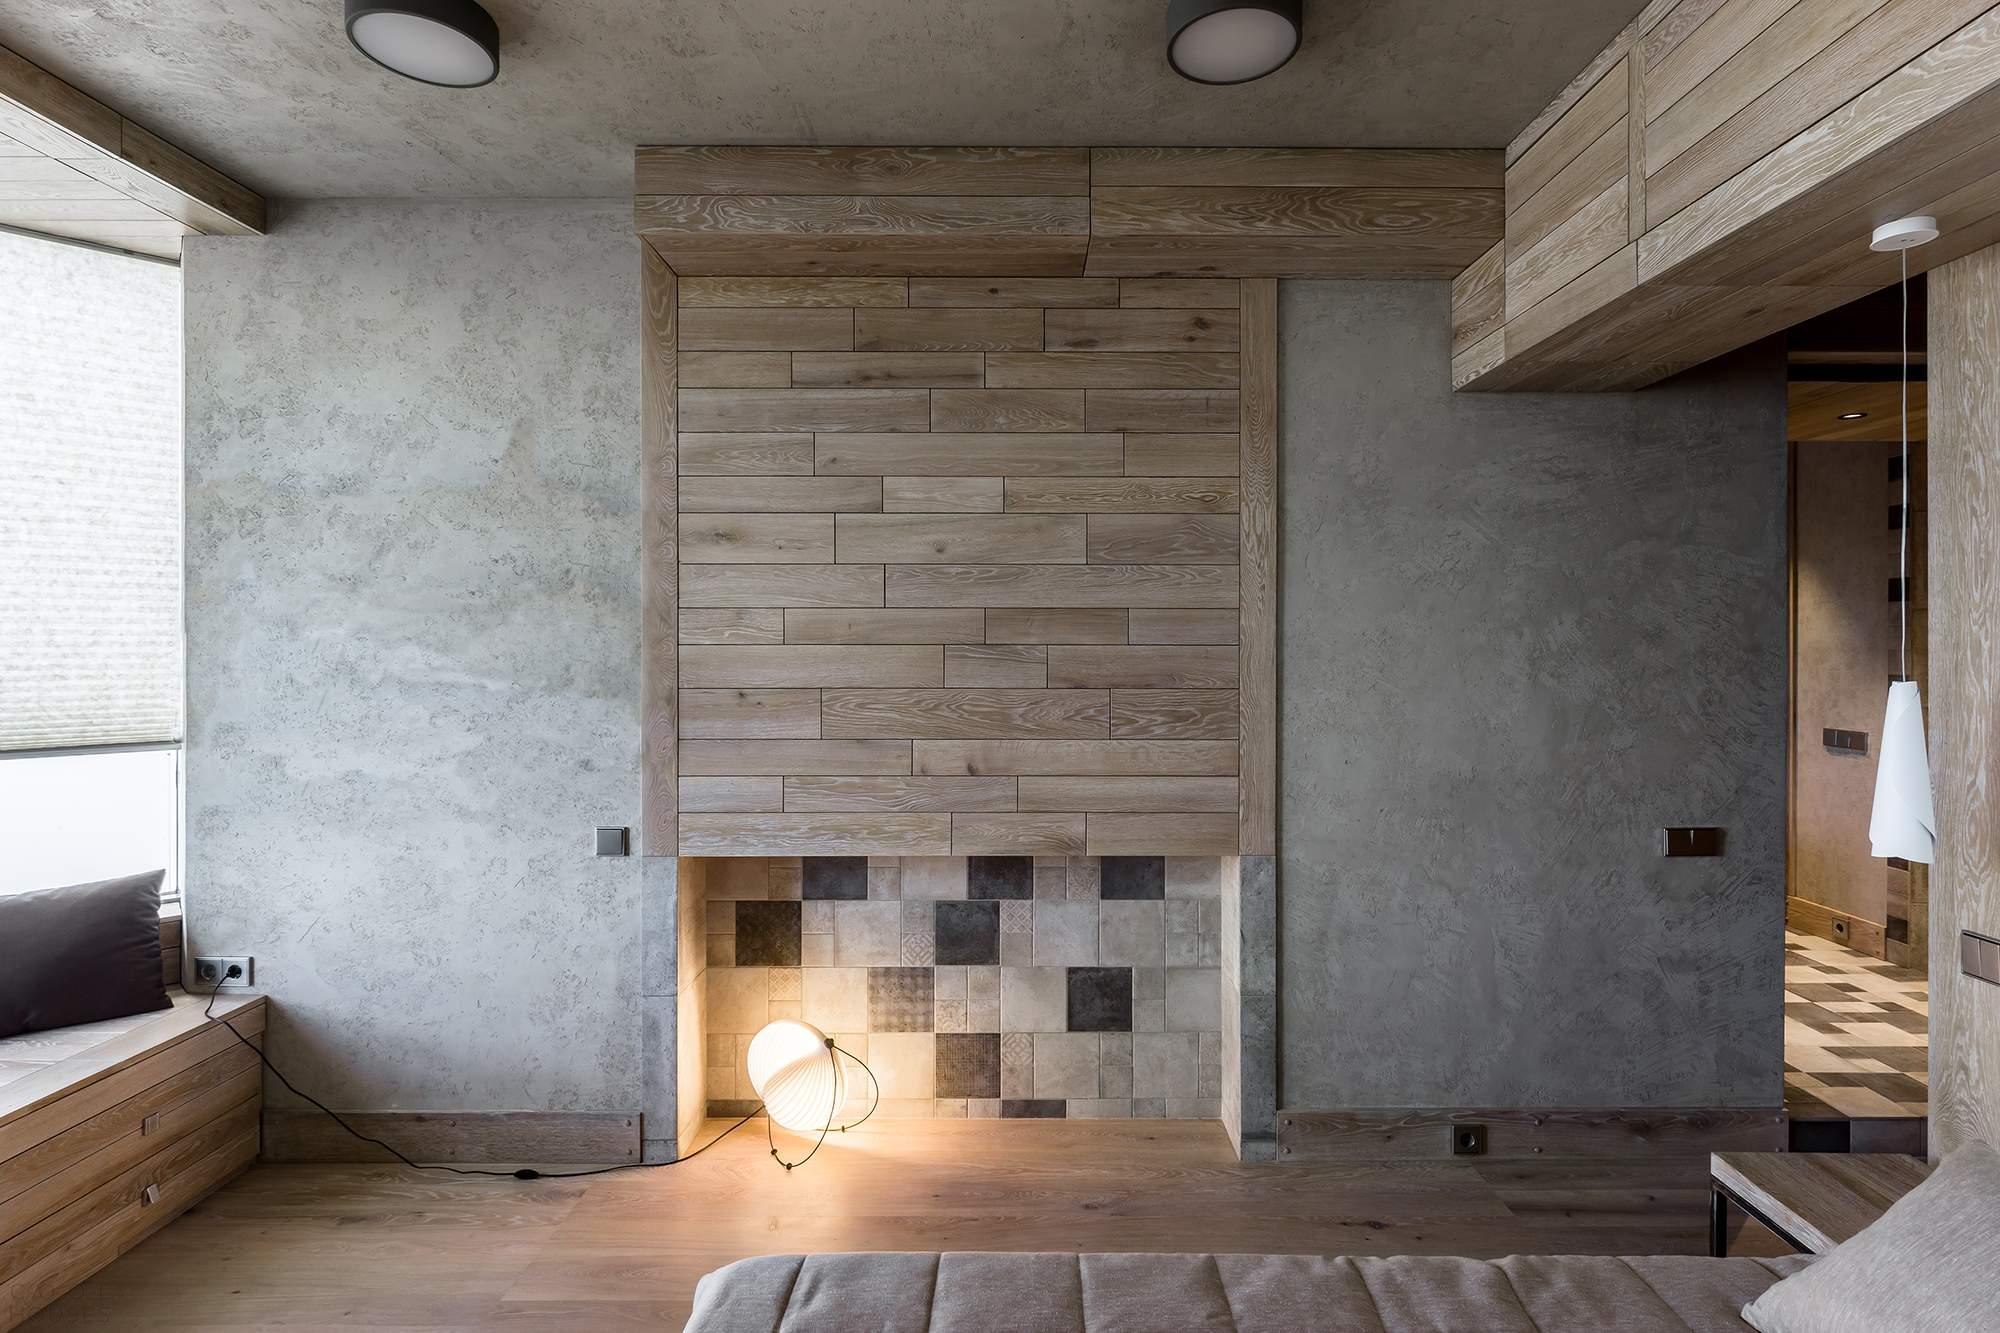 Оригинальный дизайн квартиры от Алексея Розенберга